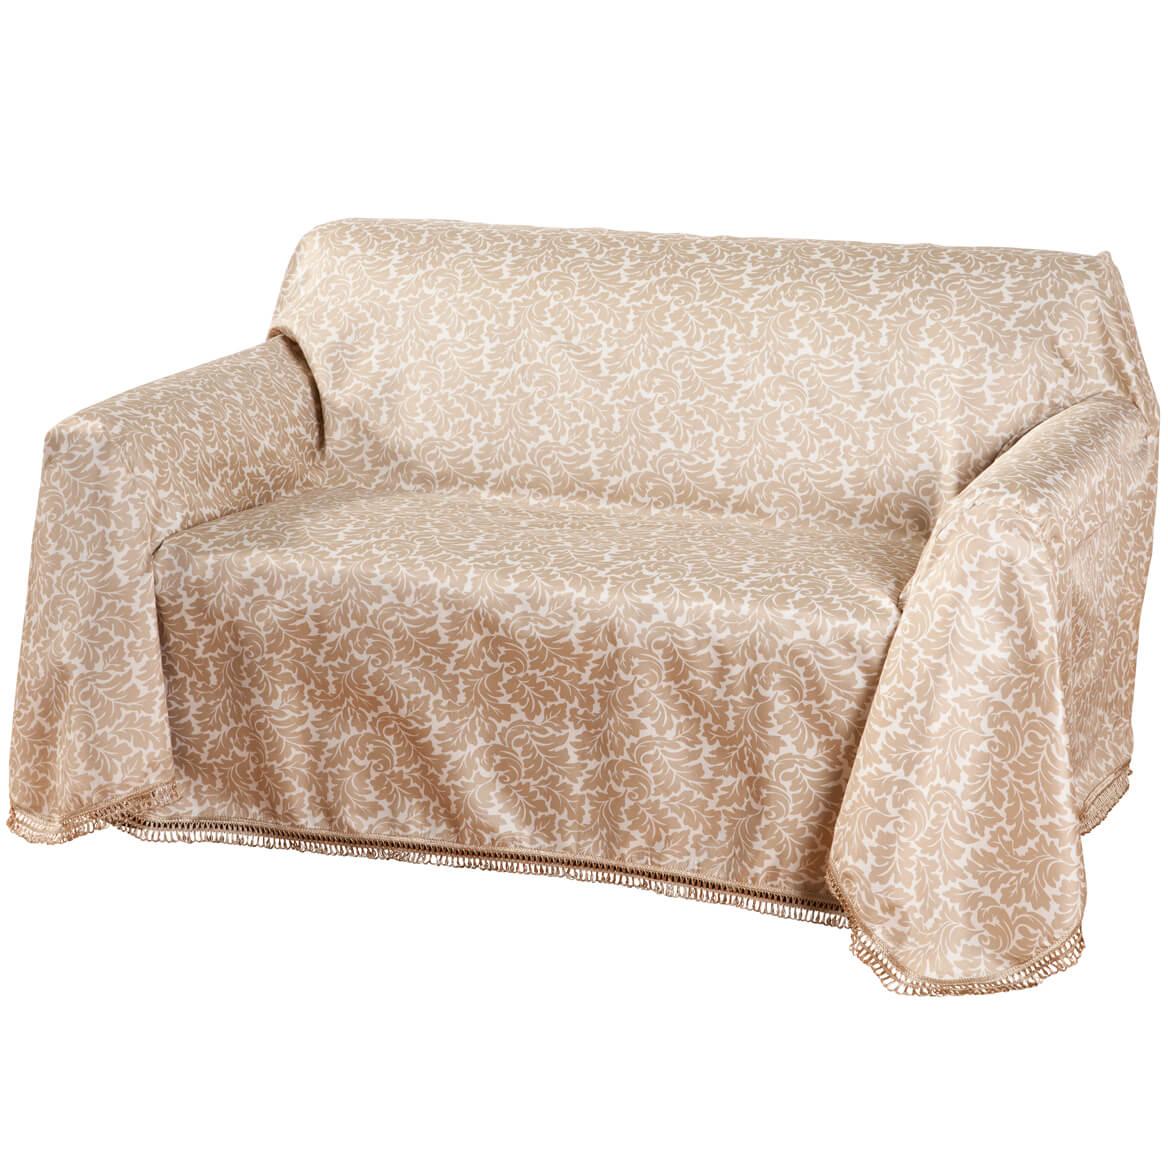 Damask Ii Loveseat Throw 70 X 120 Damask Sofa Throw